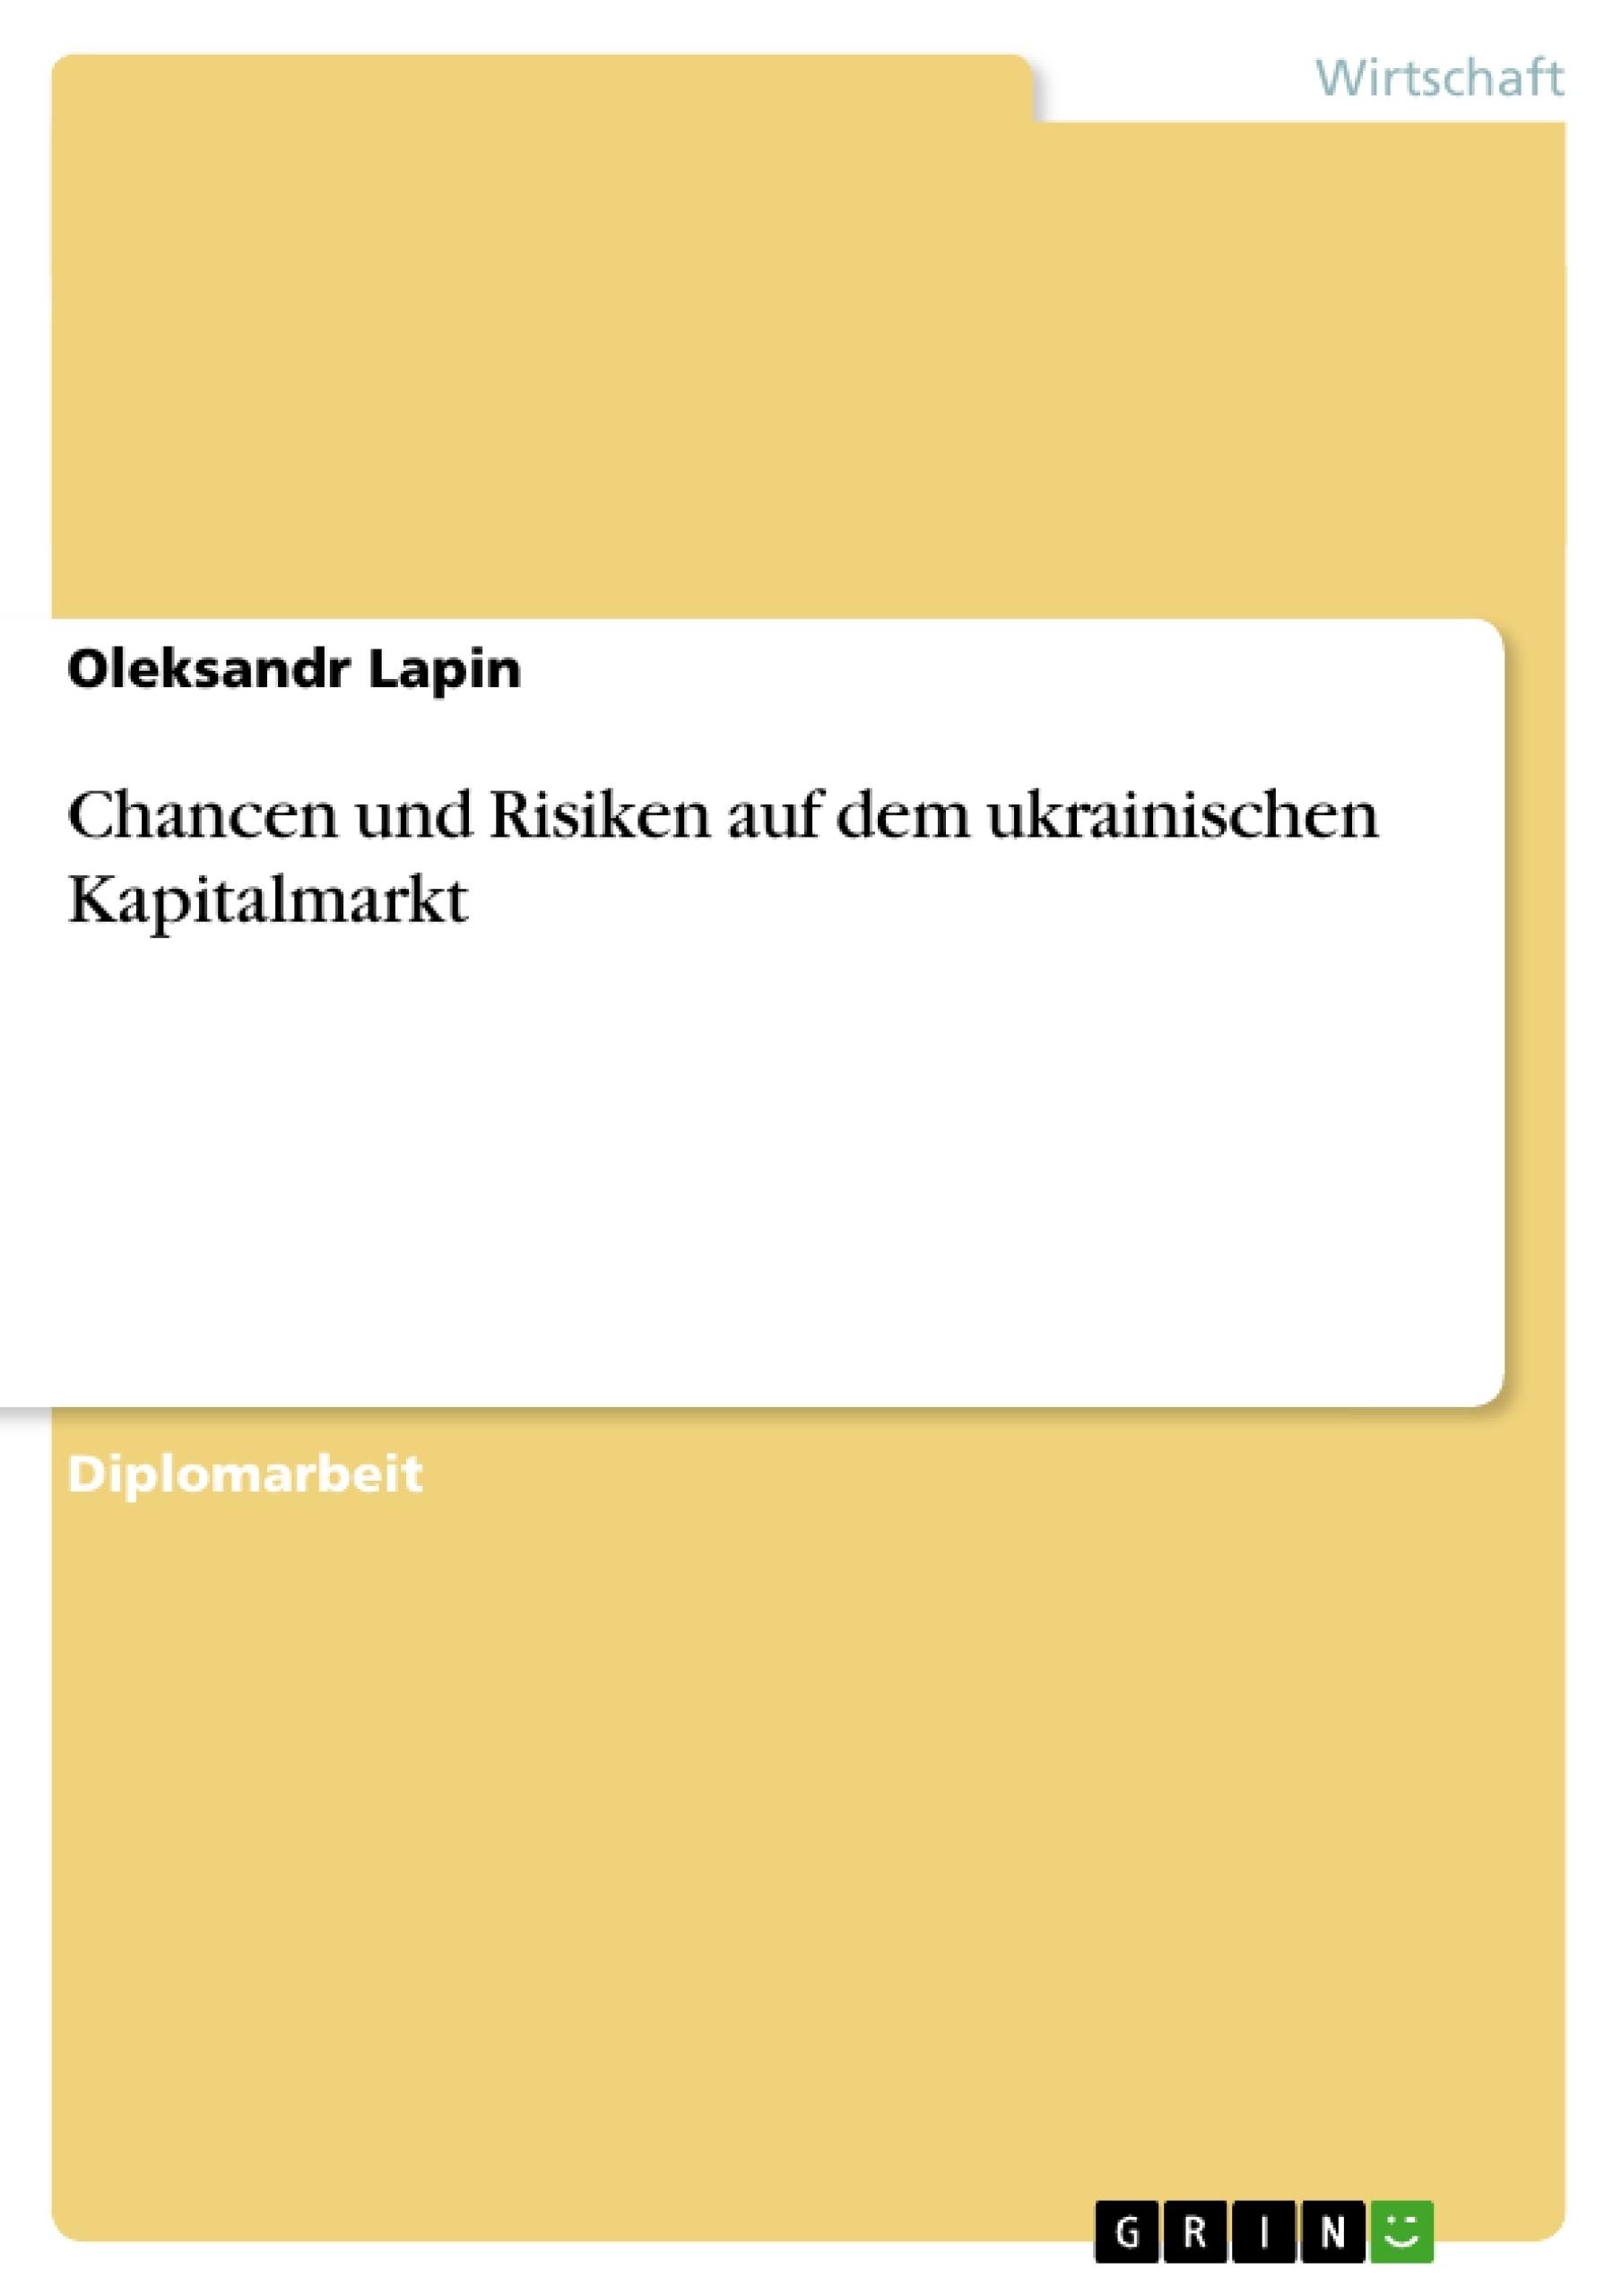 Titel: Chancen und Risiken auf dem ukrainischen Kapitalmarkt